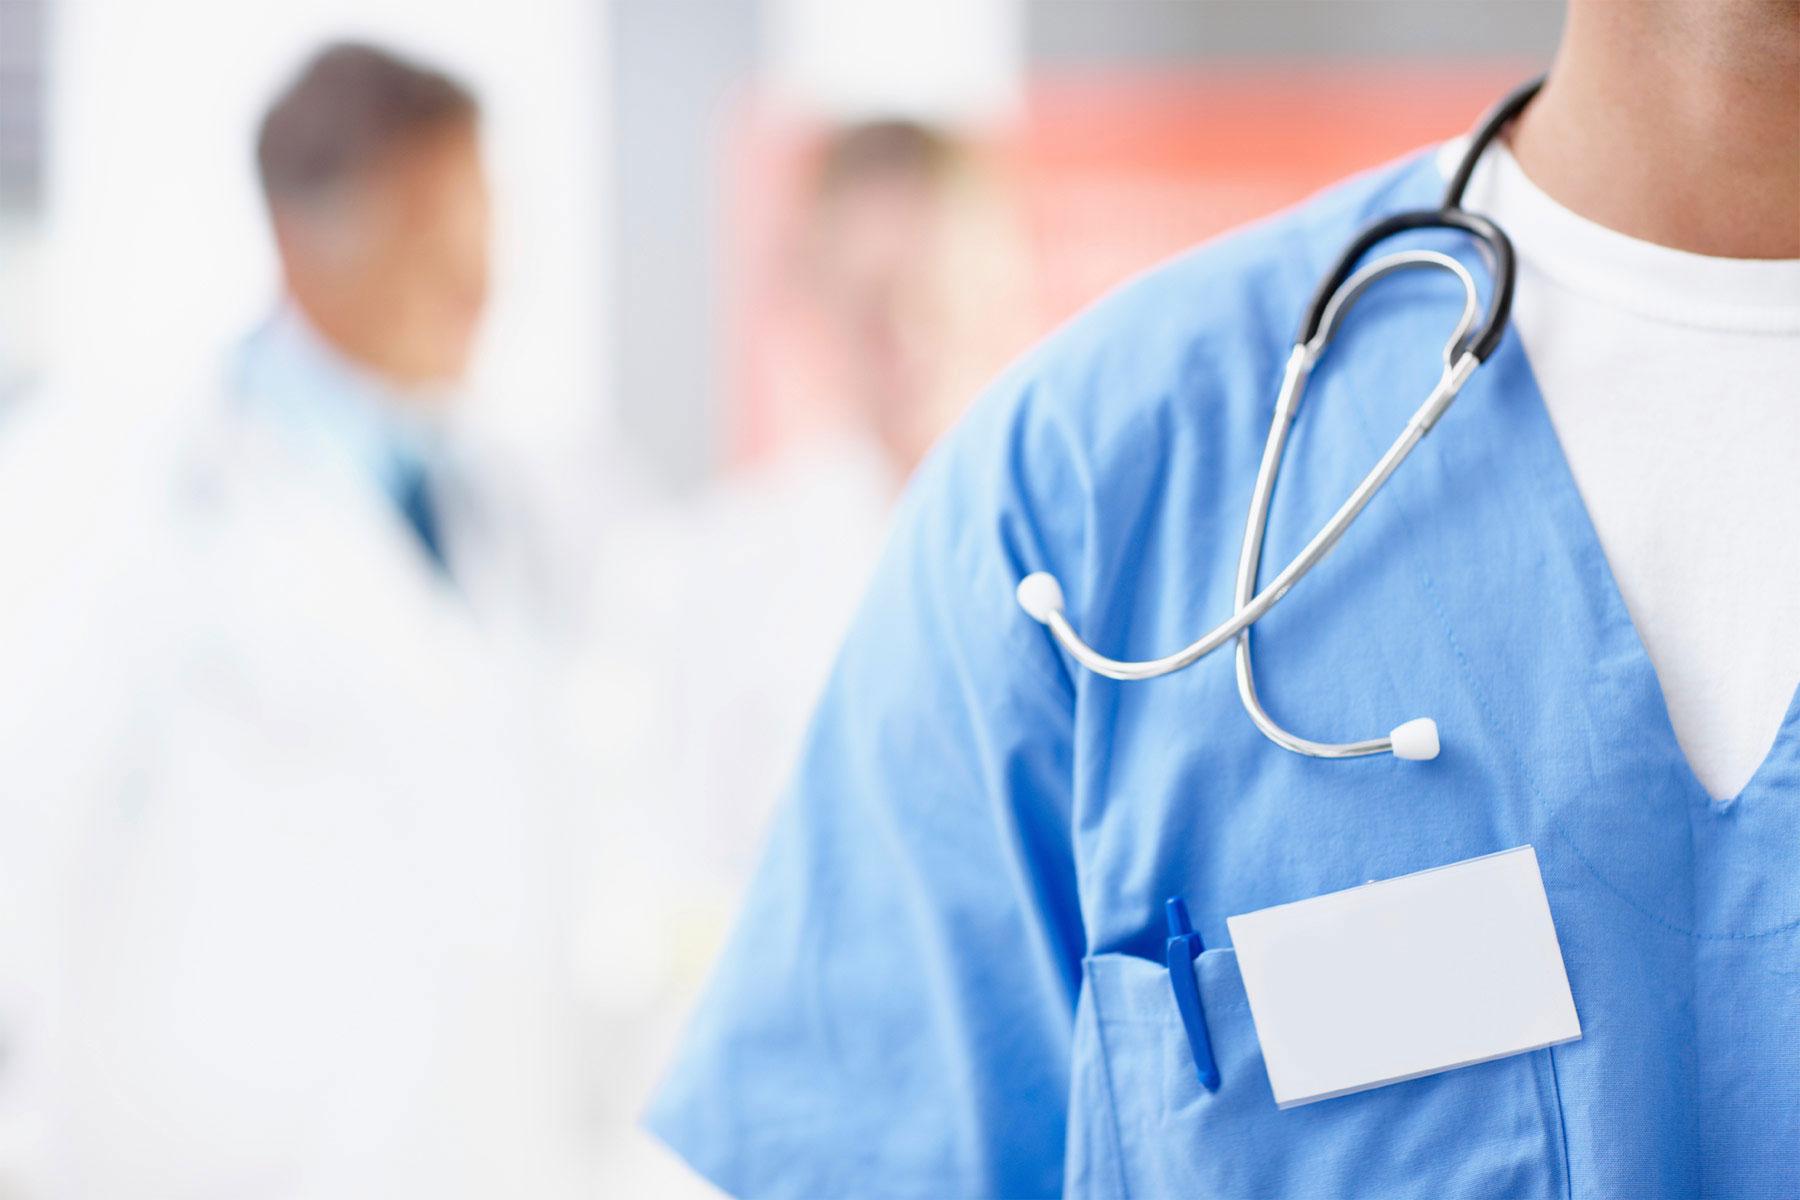 Від невролога до акушера: у вінницьких лікарнях оголосили майже півсотні вакансій